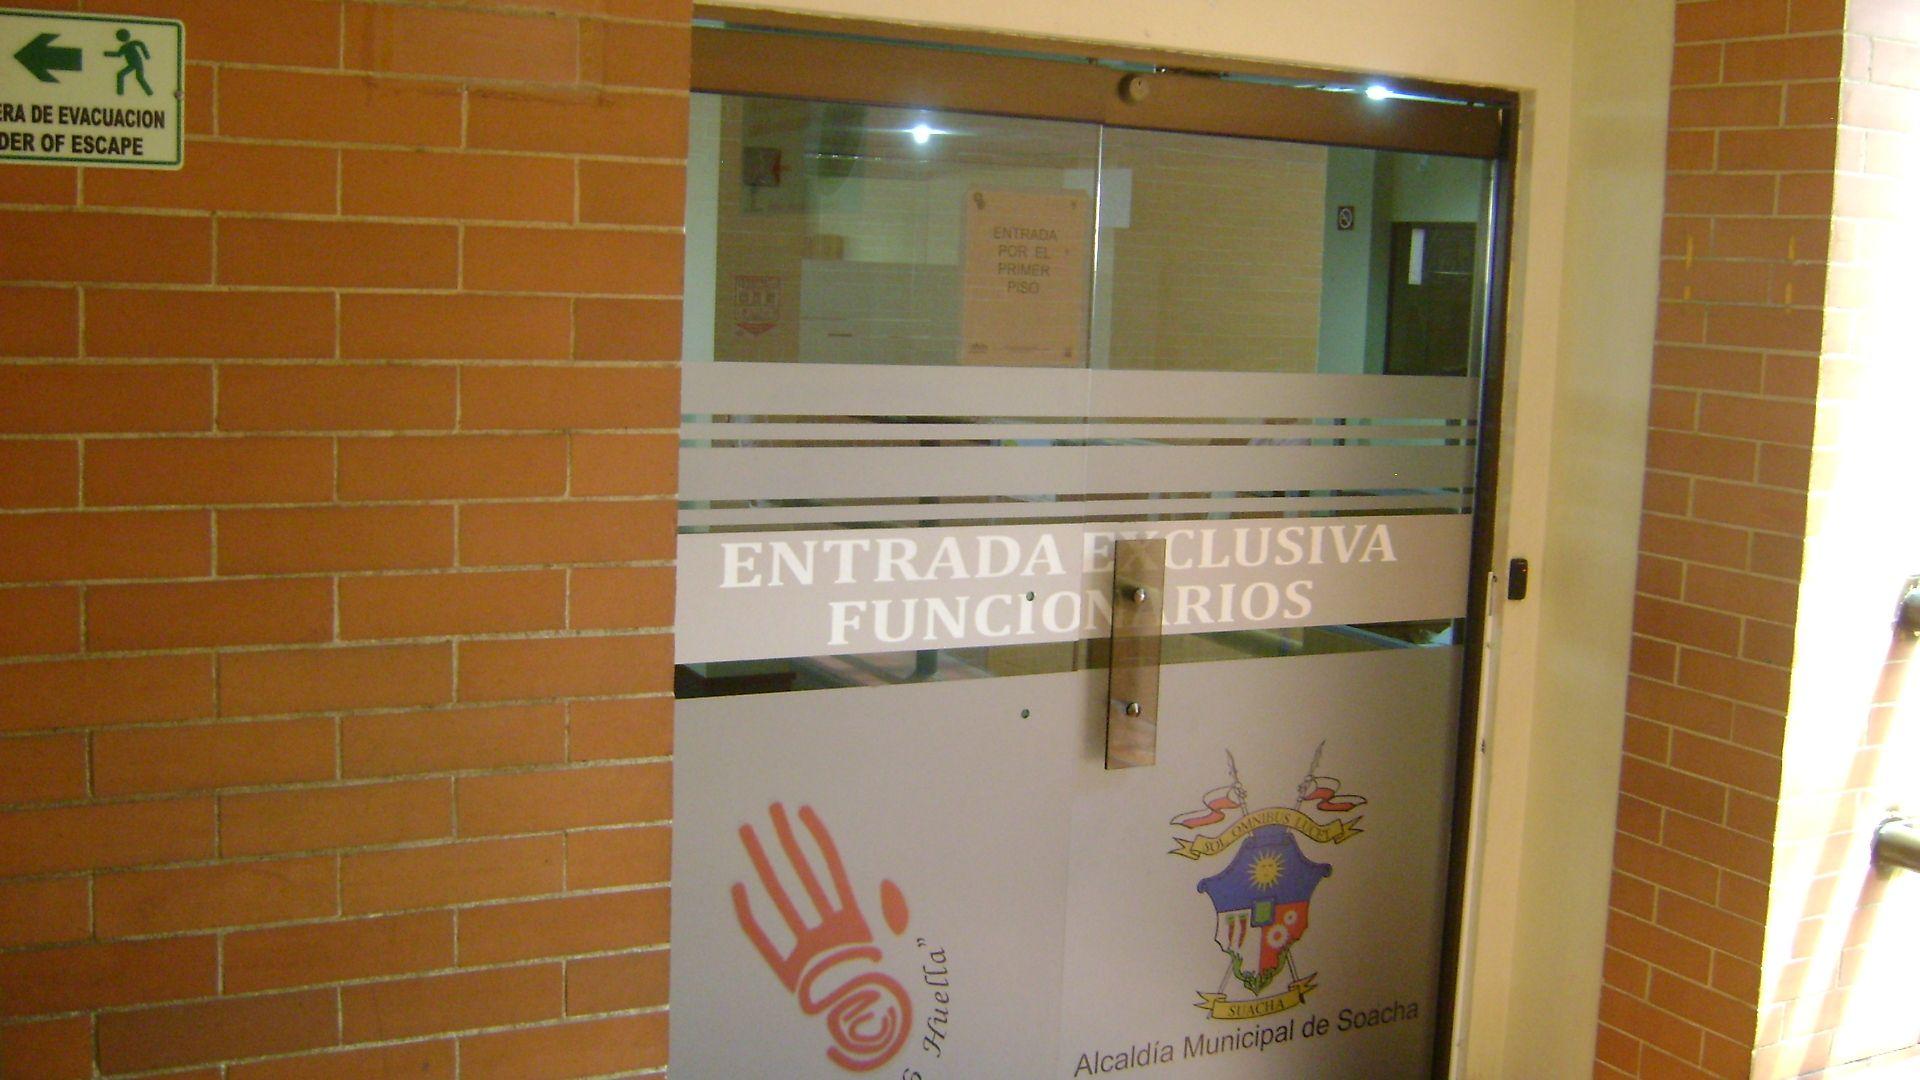 Las instalaciones diseñadas para la Biblioteca Municipal y la Hemeroteca, fueron tomadas para acomodar la exagera nómina de funcionarios de la Secretaria de Educación.